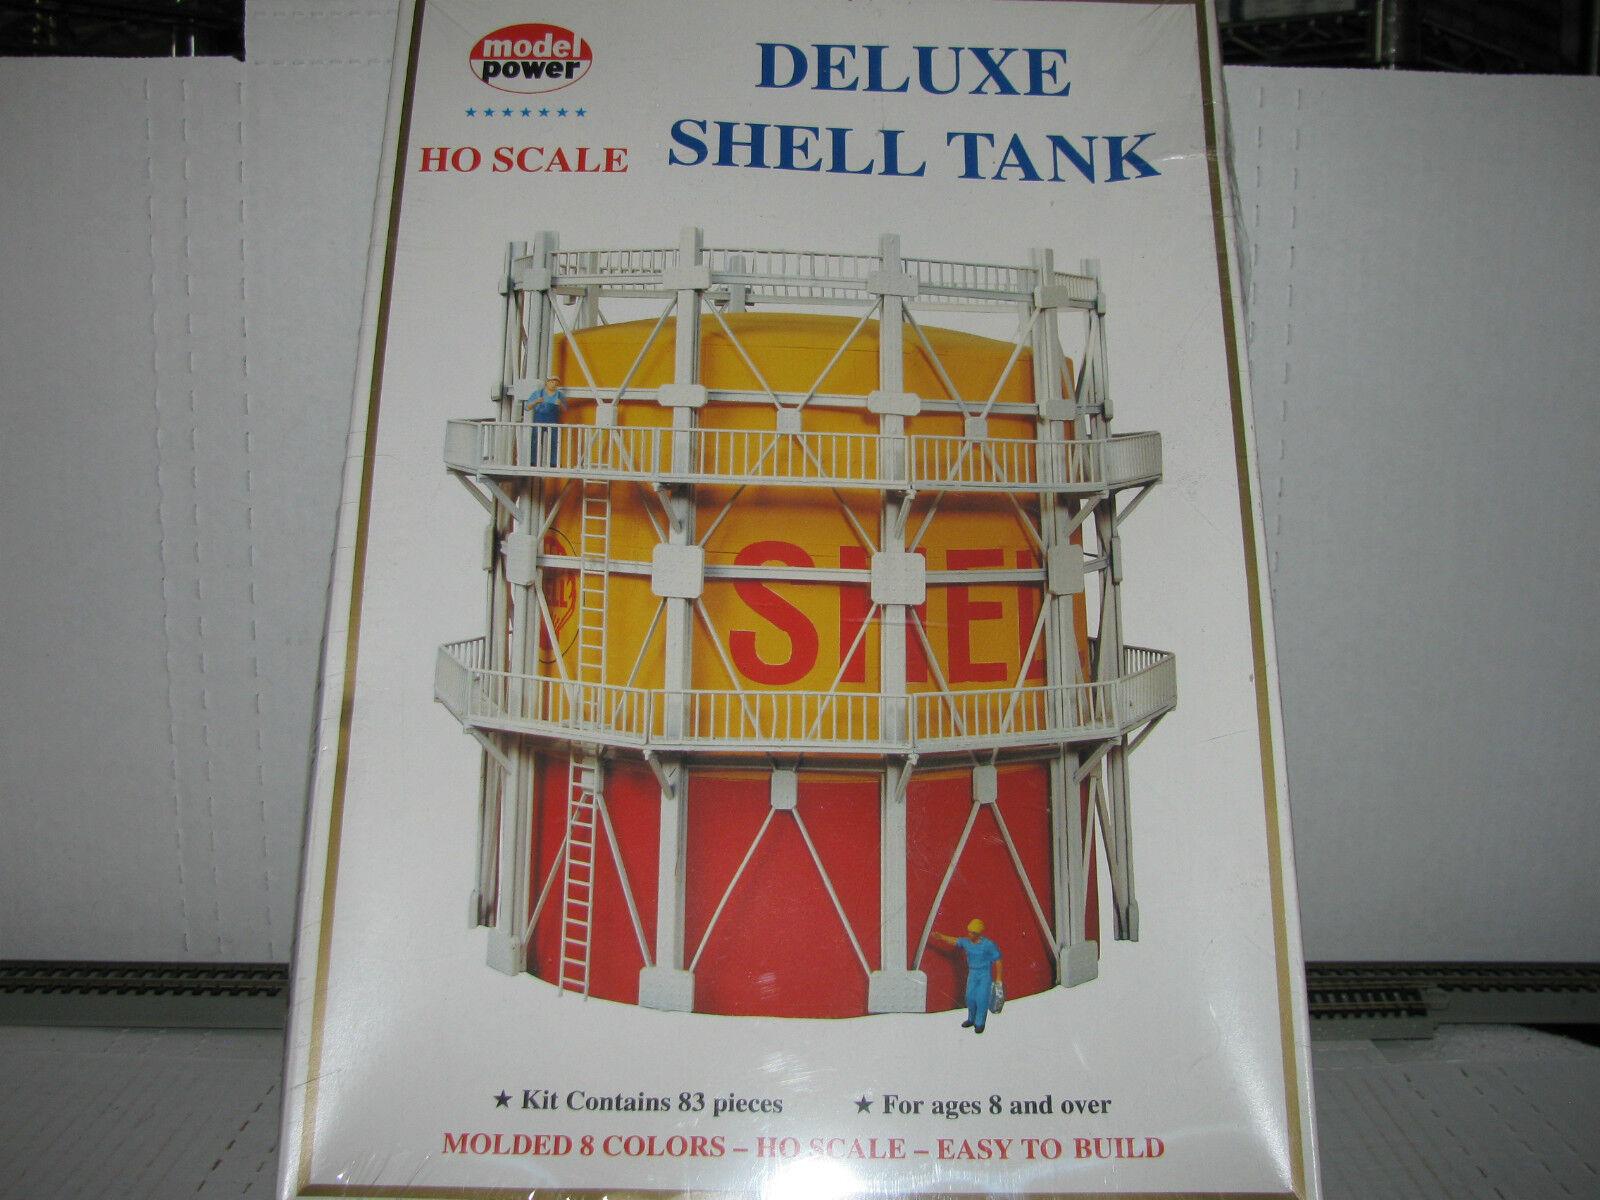 Model Power HO scale Deluxe Shell Tank Kit